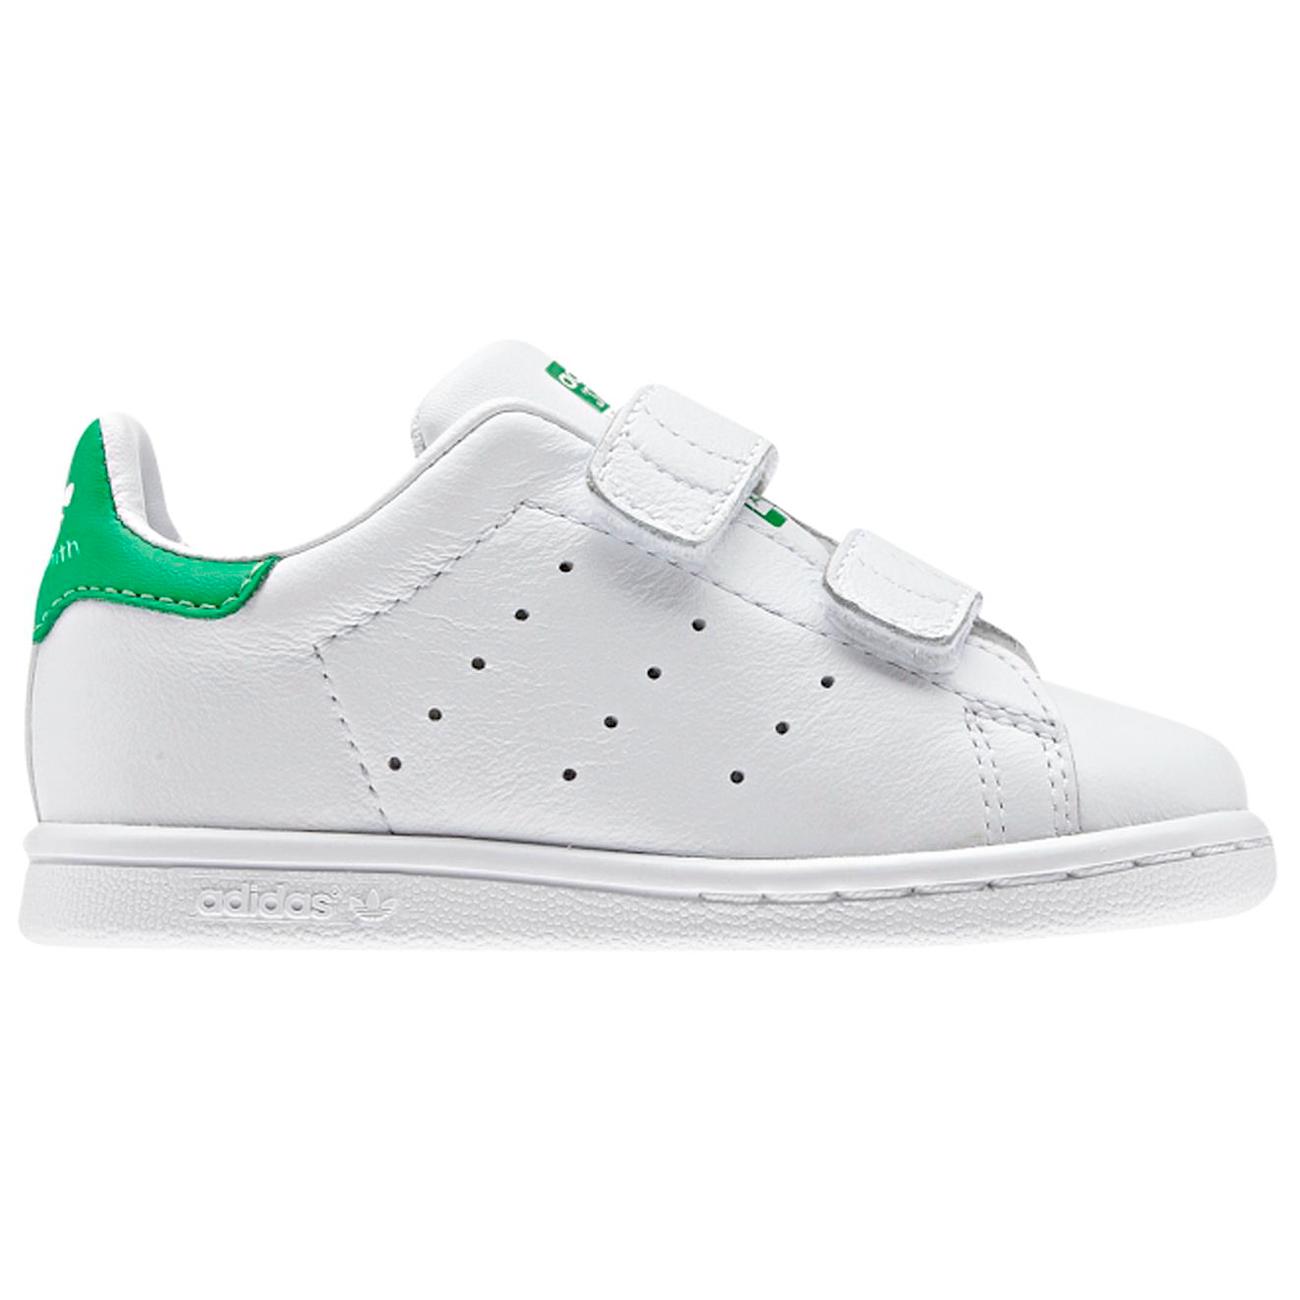 b4ed7413 adidas Stan Smith Sneakers White/Green M20609